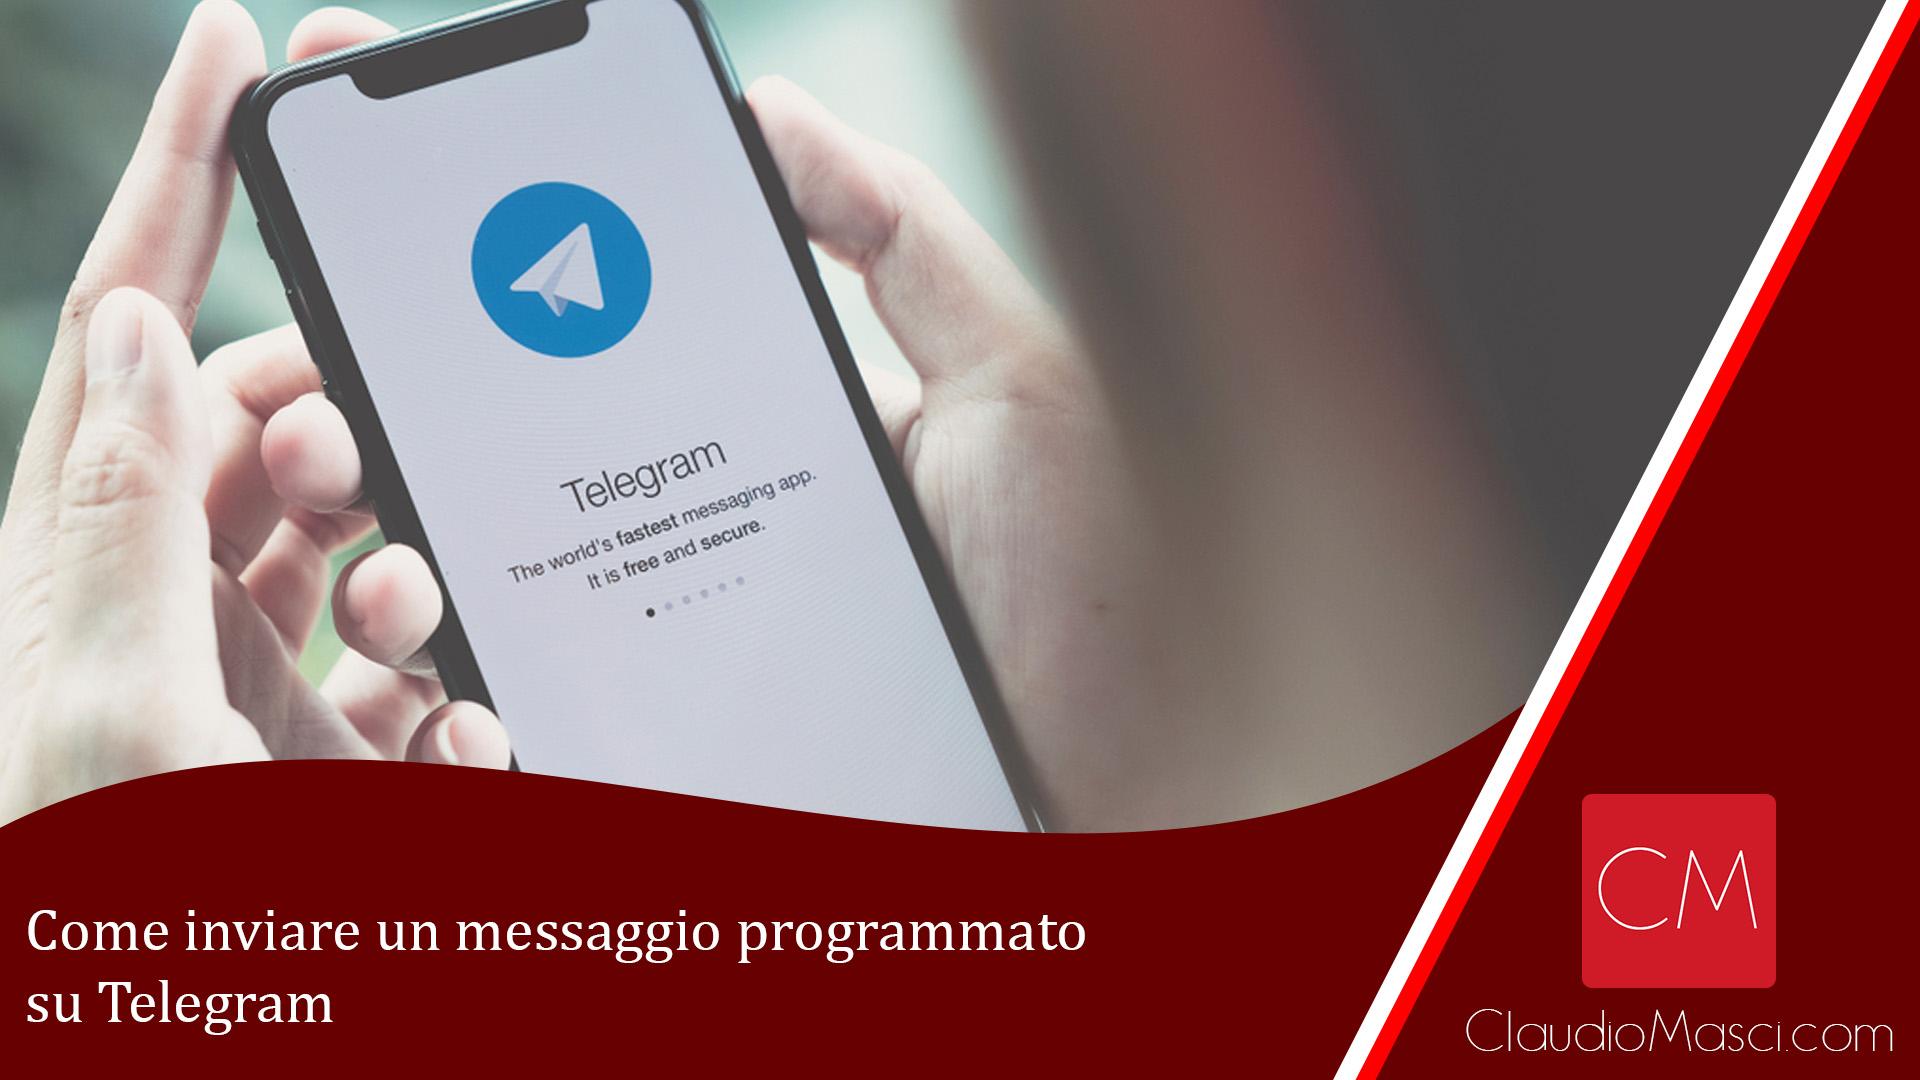 Come inviare un messaggio programmato su Telegram